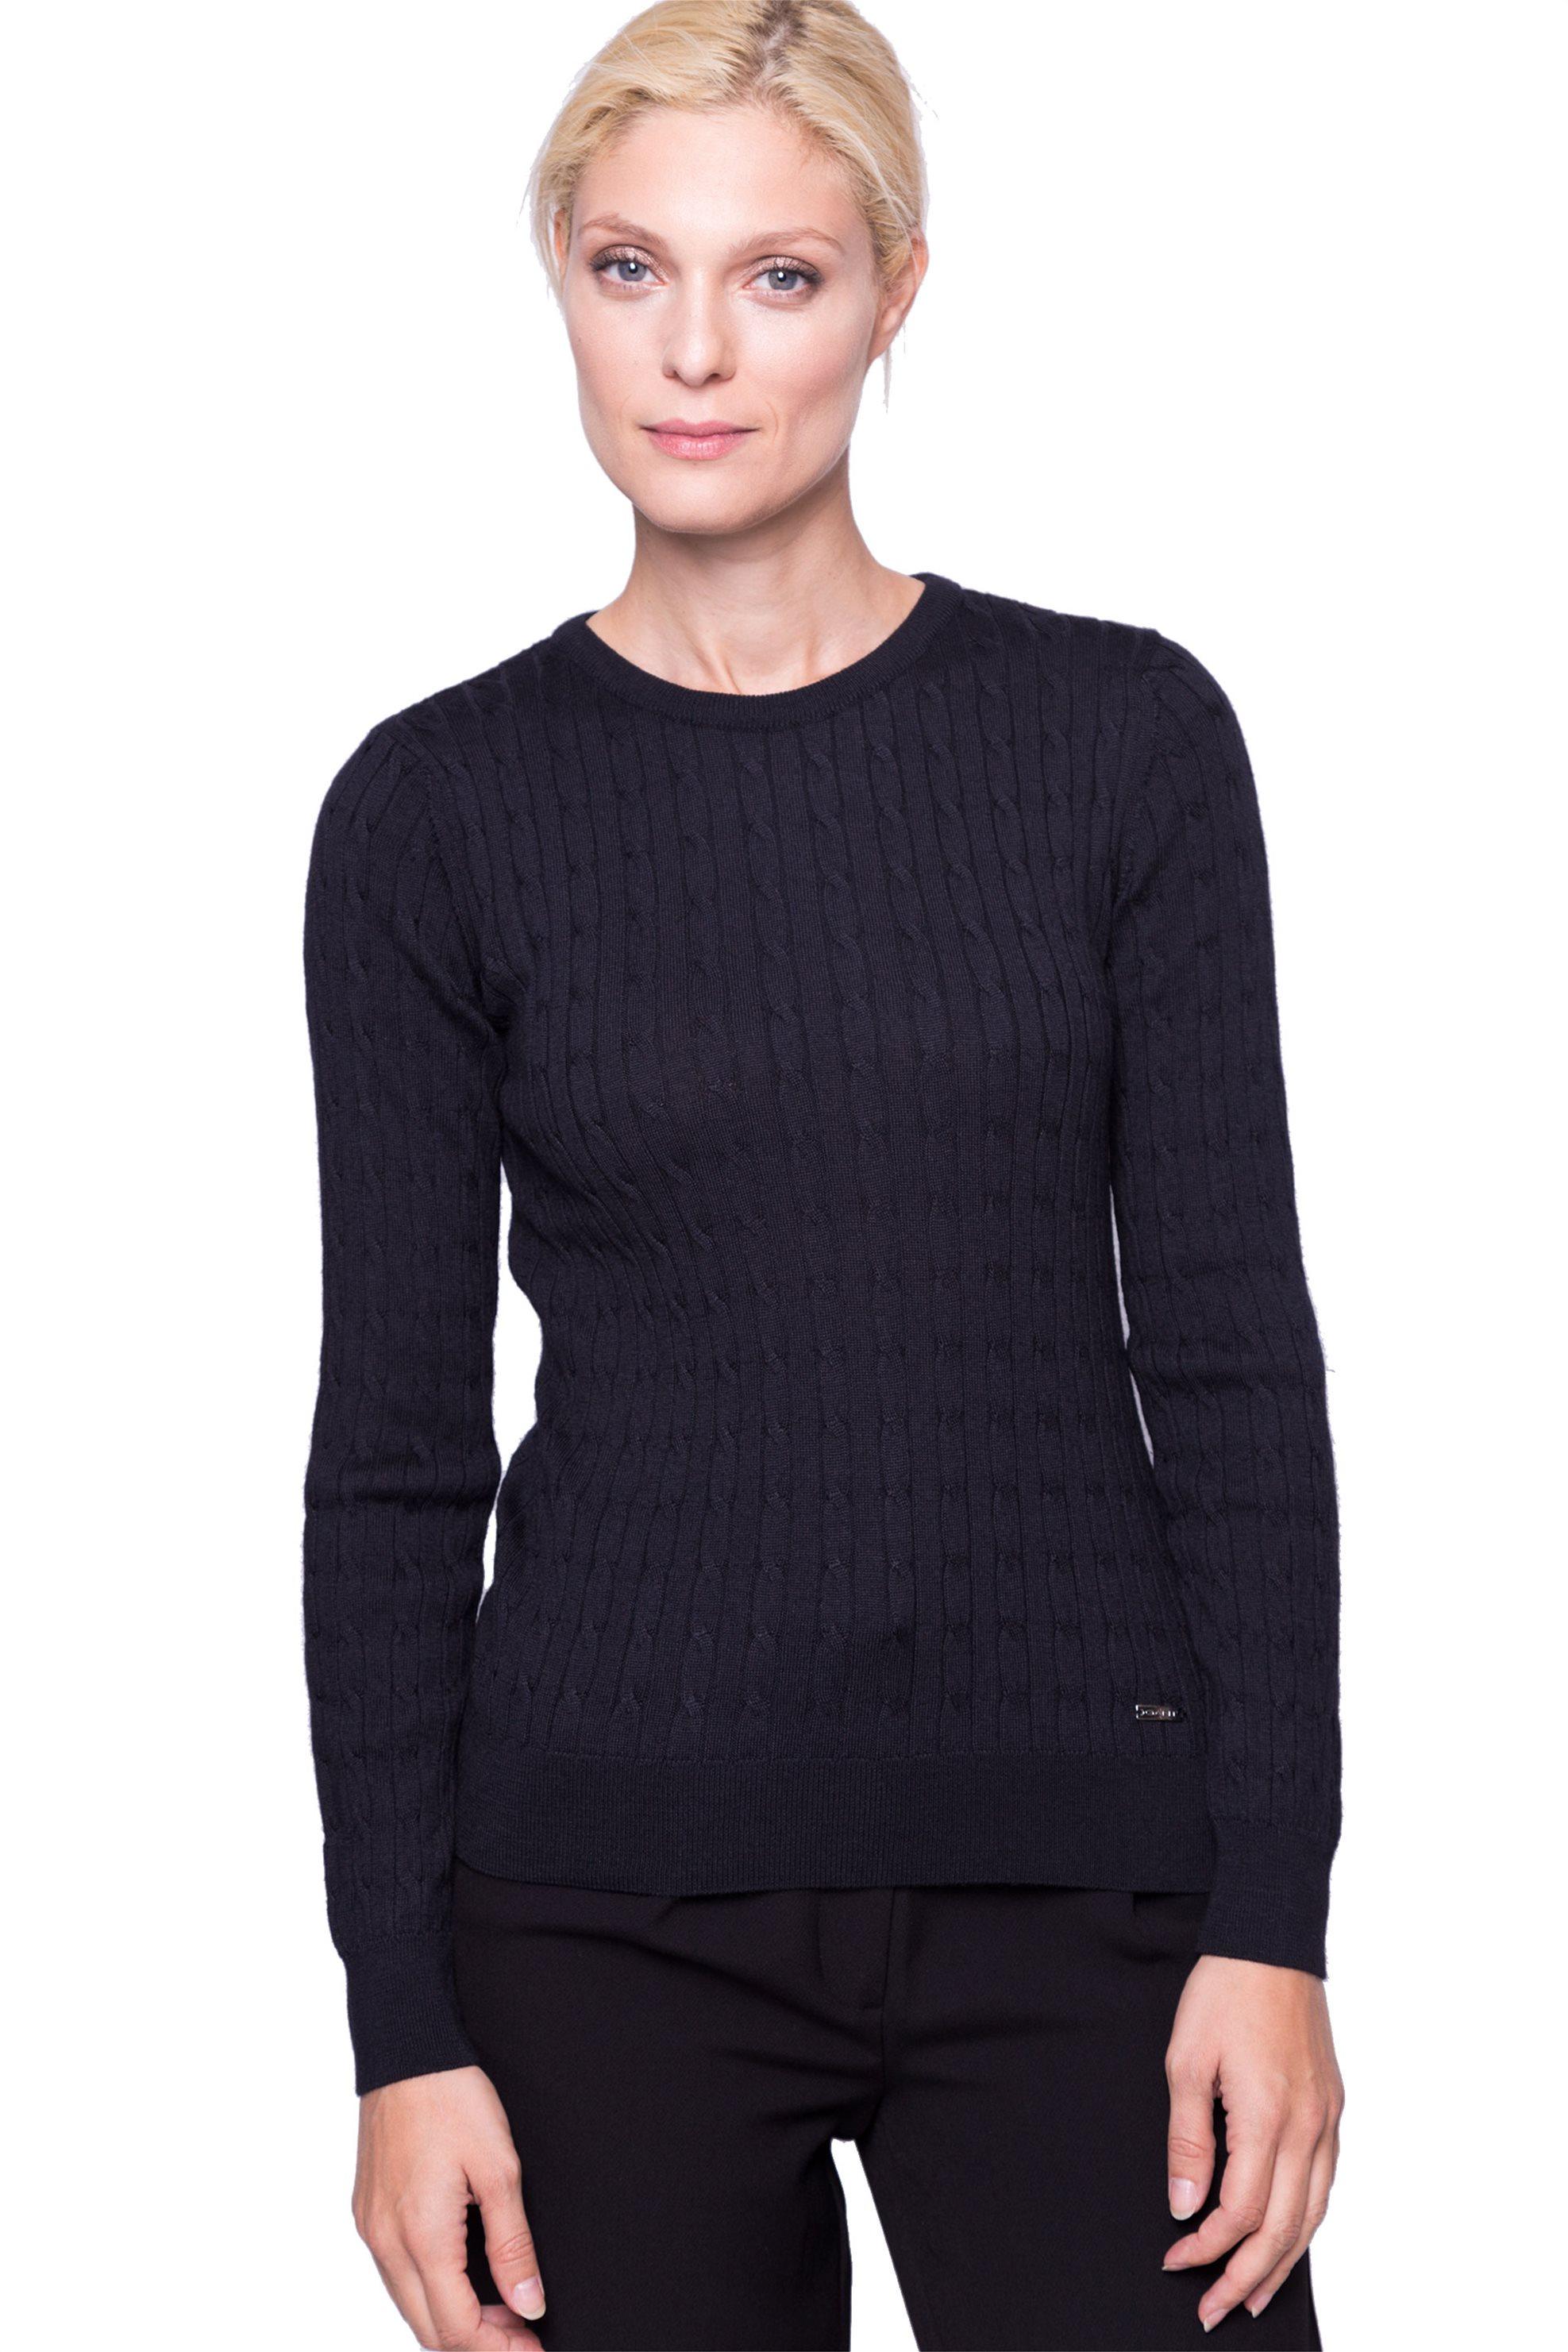 Γυναικείο Πουλόβερ Gant - 4804055 - Μαύρο